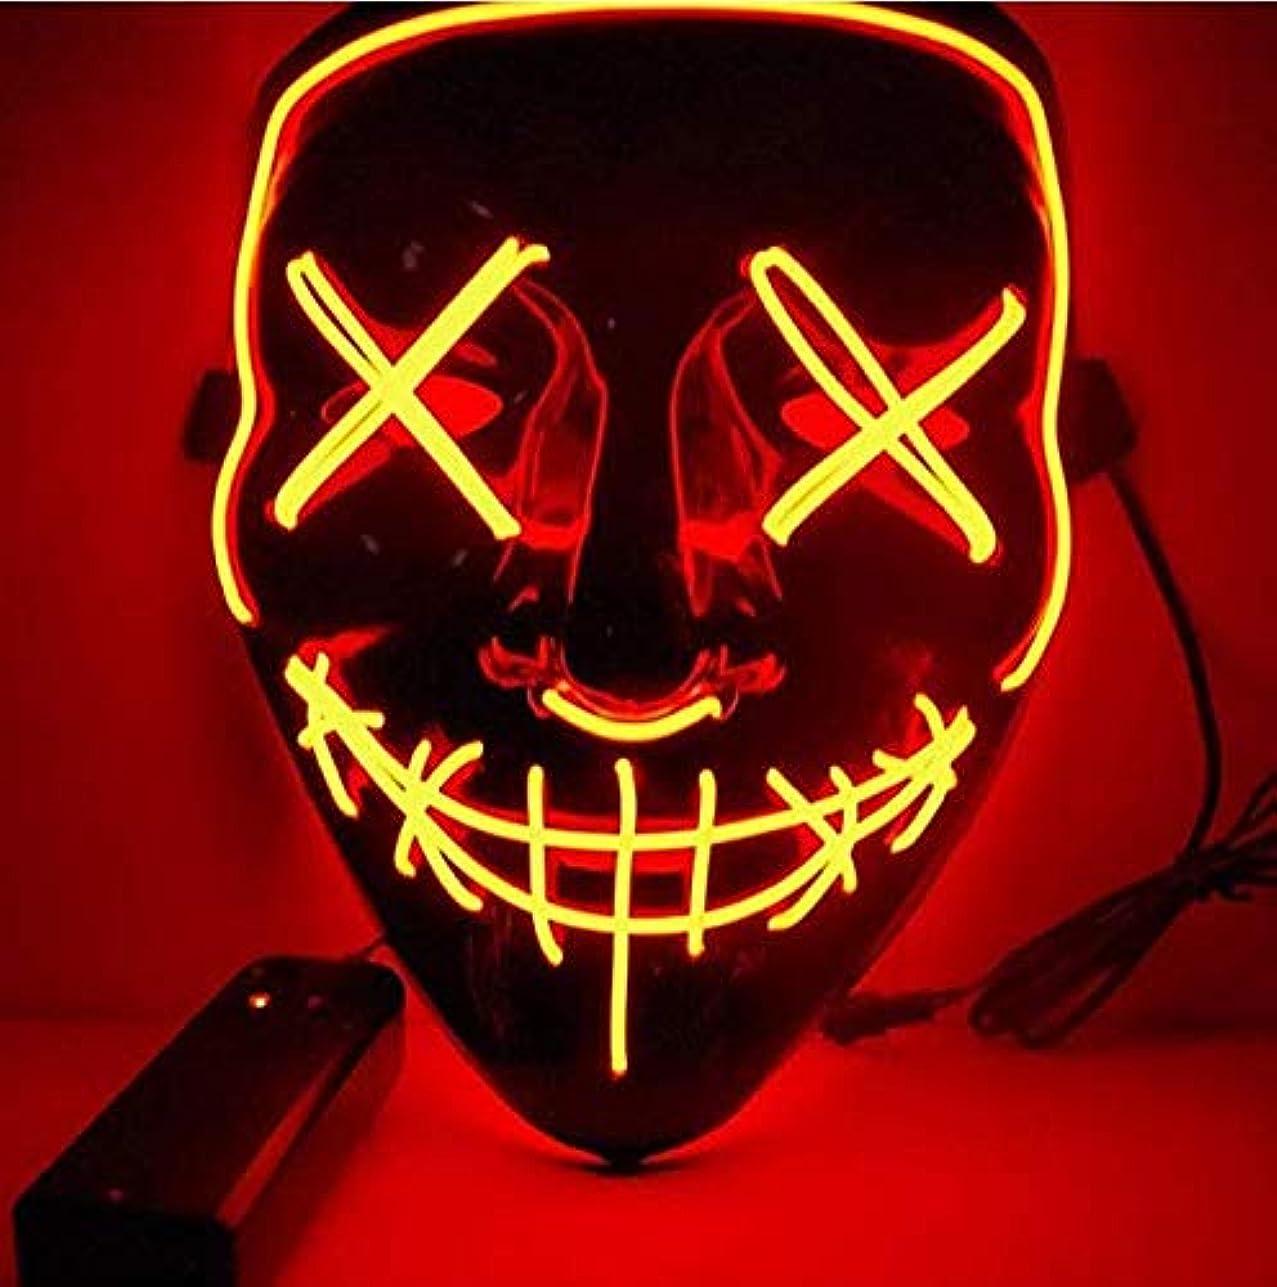 タイプライター経験的歯科のハロウィンマスクLEDライトアップパーティーマスクコスプレコスチュームサプライ暗闇で光る (Color : ROSE RED)